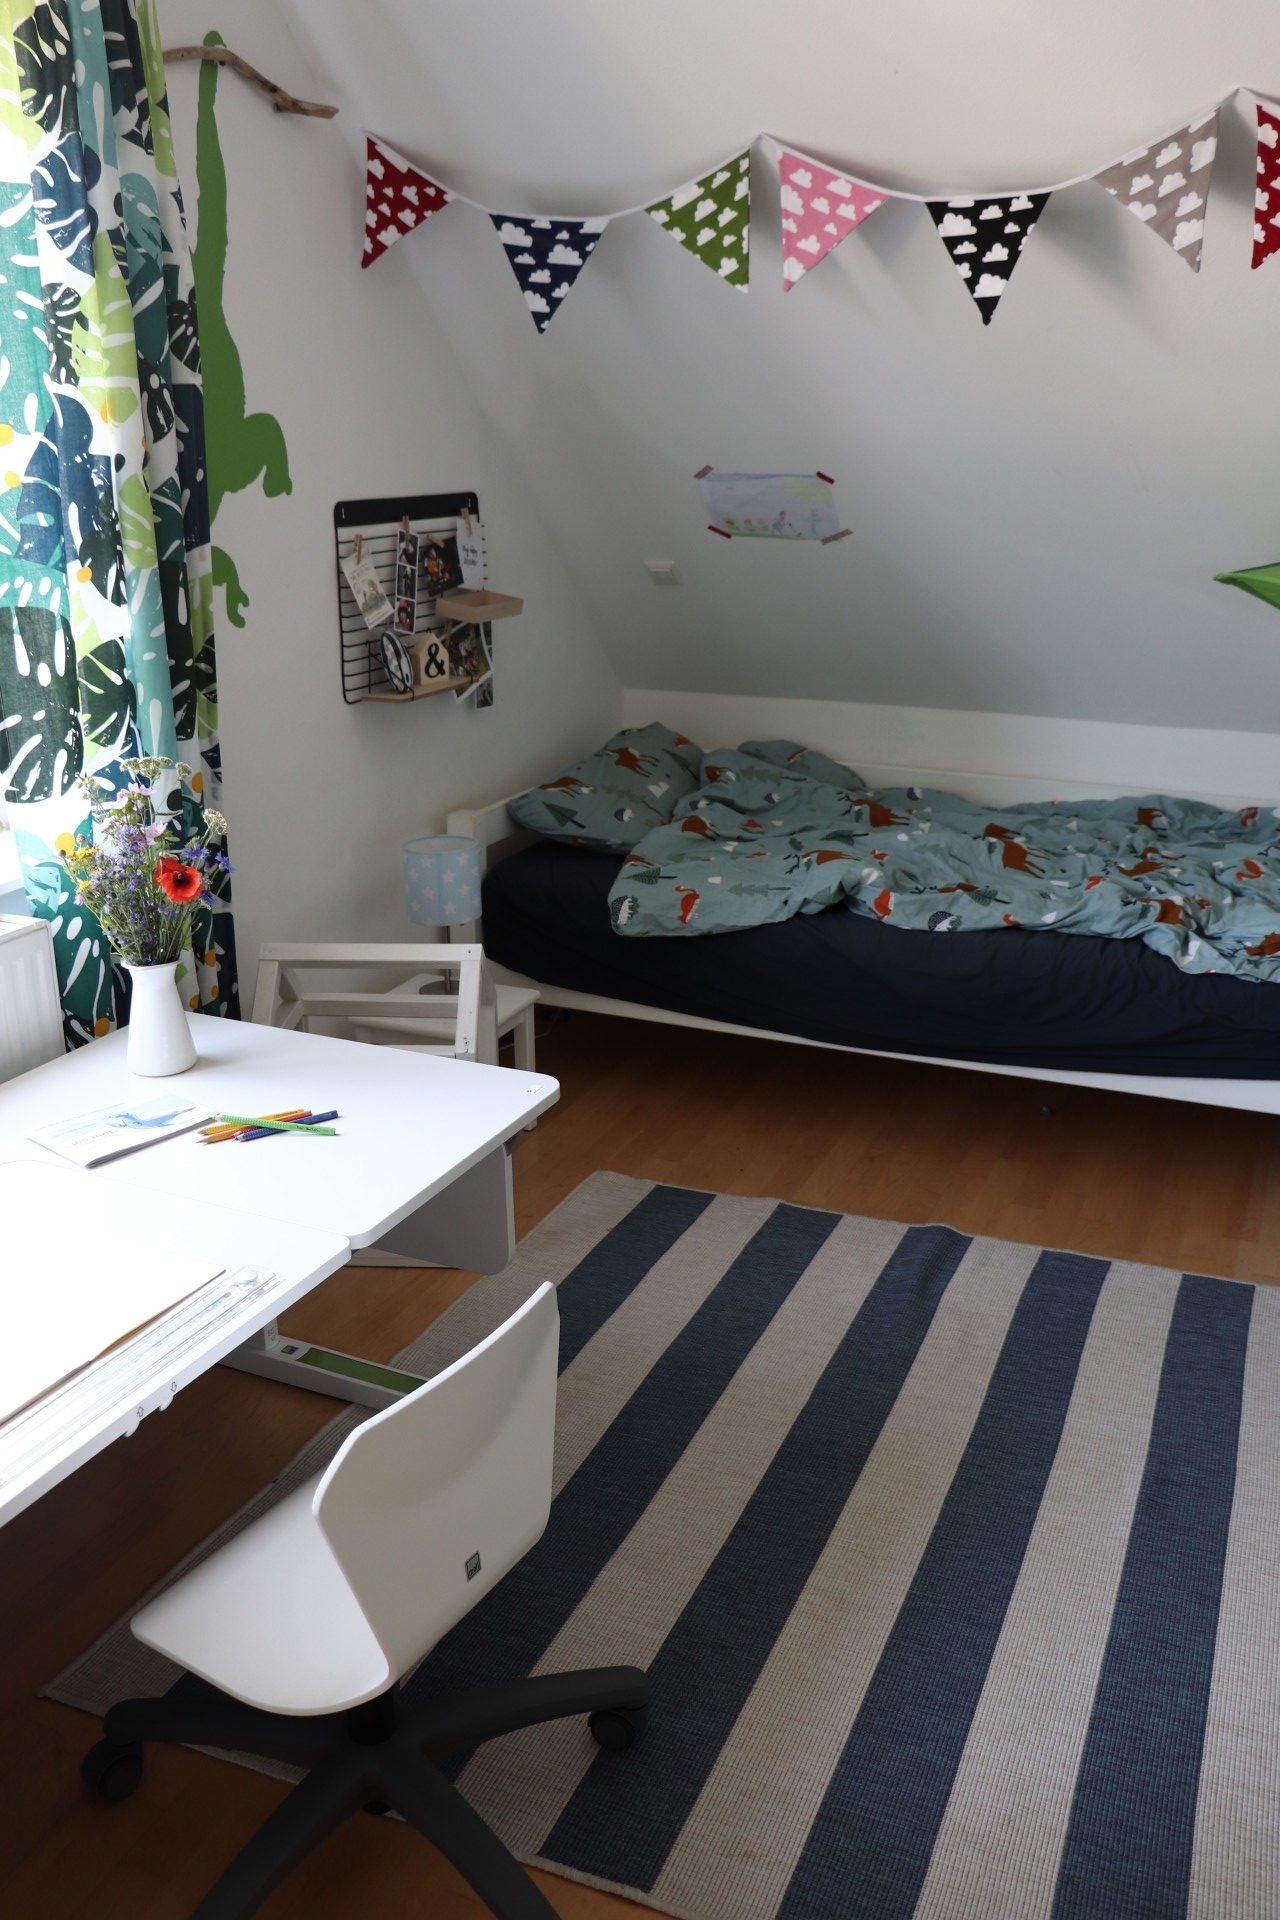 Full Size of Jungen Kinderzimmer Teppich Babyzimmer Junge Streichen Deko Selber Machen Gestalten Wandgestaltung Ideen Grundschulkind Lavendelblog Regal Regale Sofa Weiß Kinderzimmer Jungen Kinderzimmer